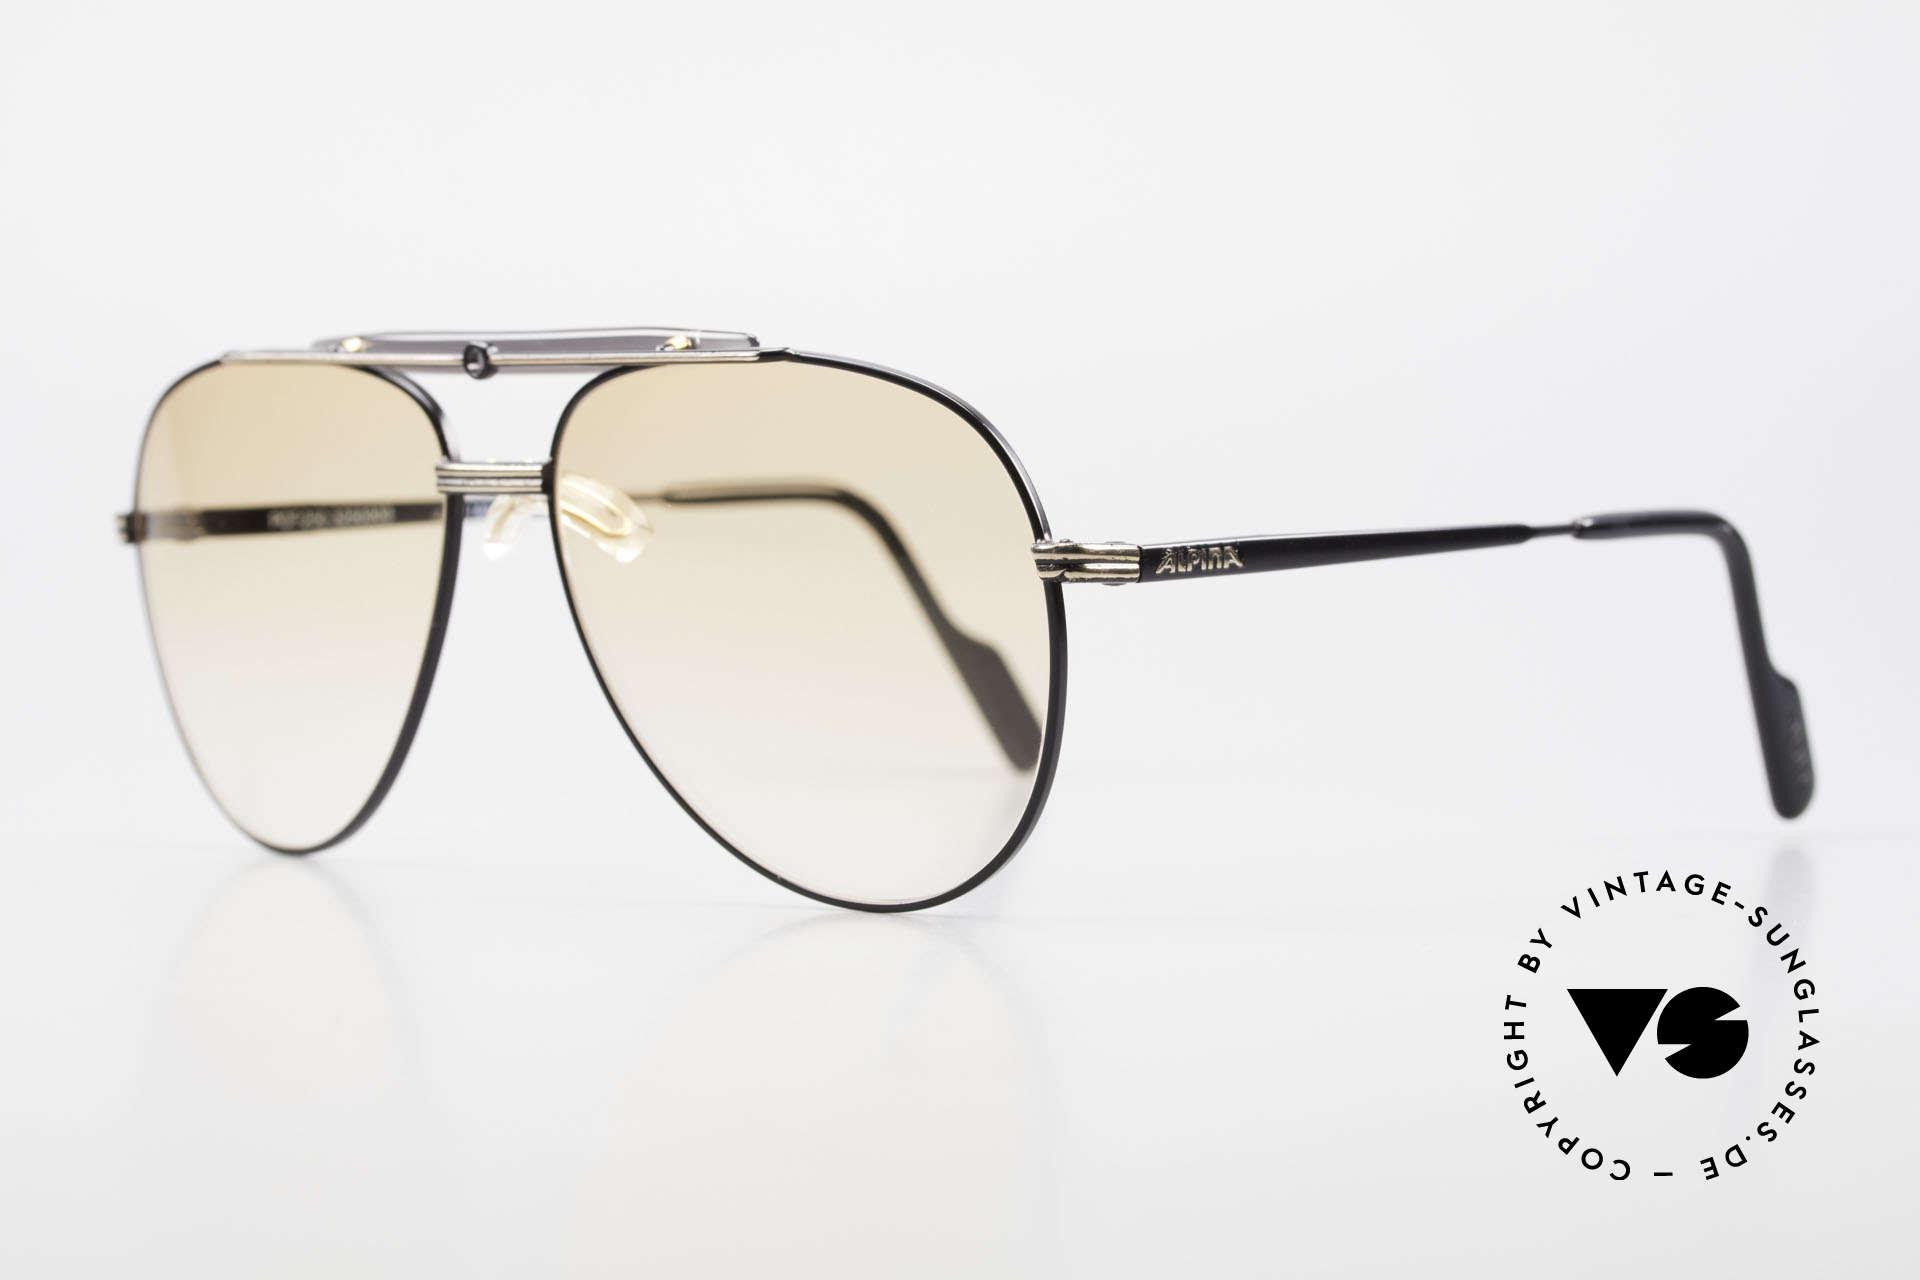 Alpina PCF 250 Sportliche 90er Aviator Brille, Gläser in orange-Verlauf (auch abends tragbar), Passend für Herren